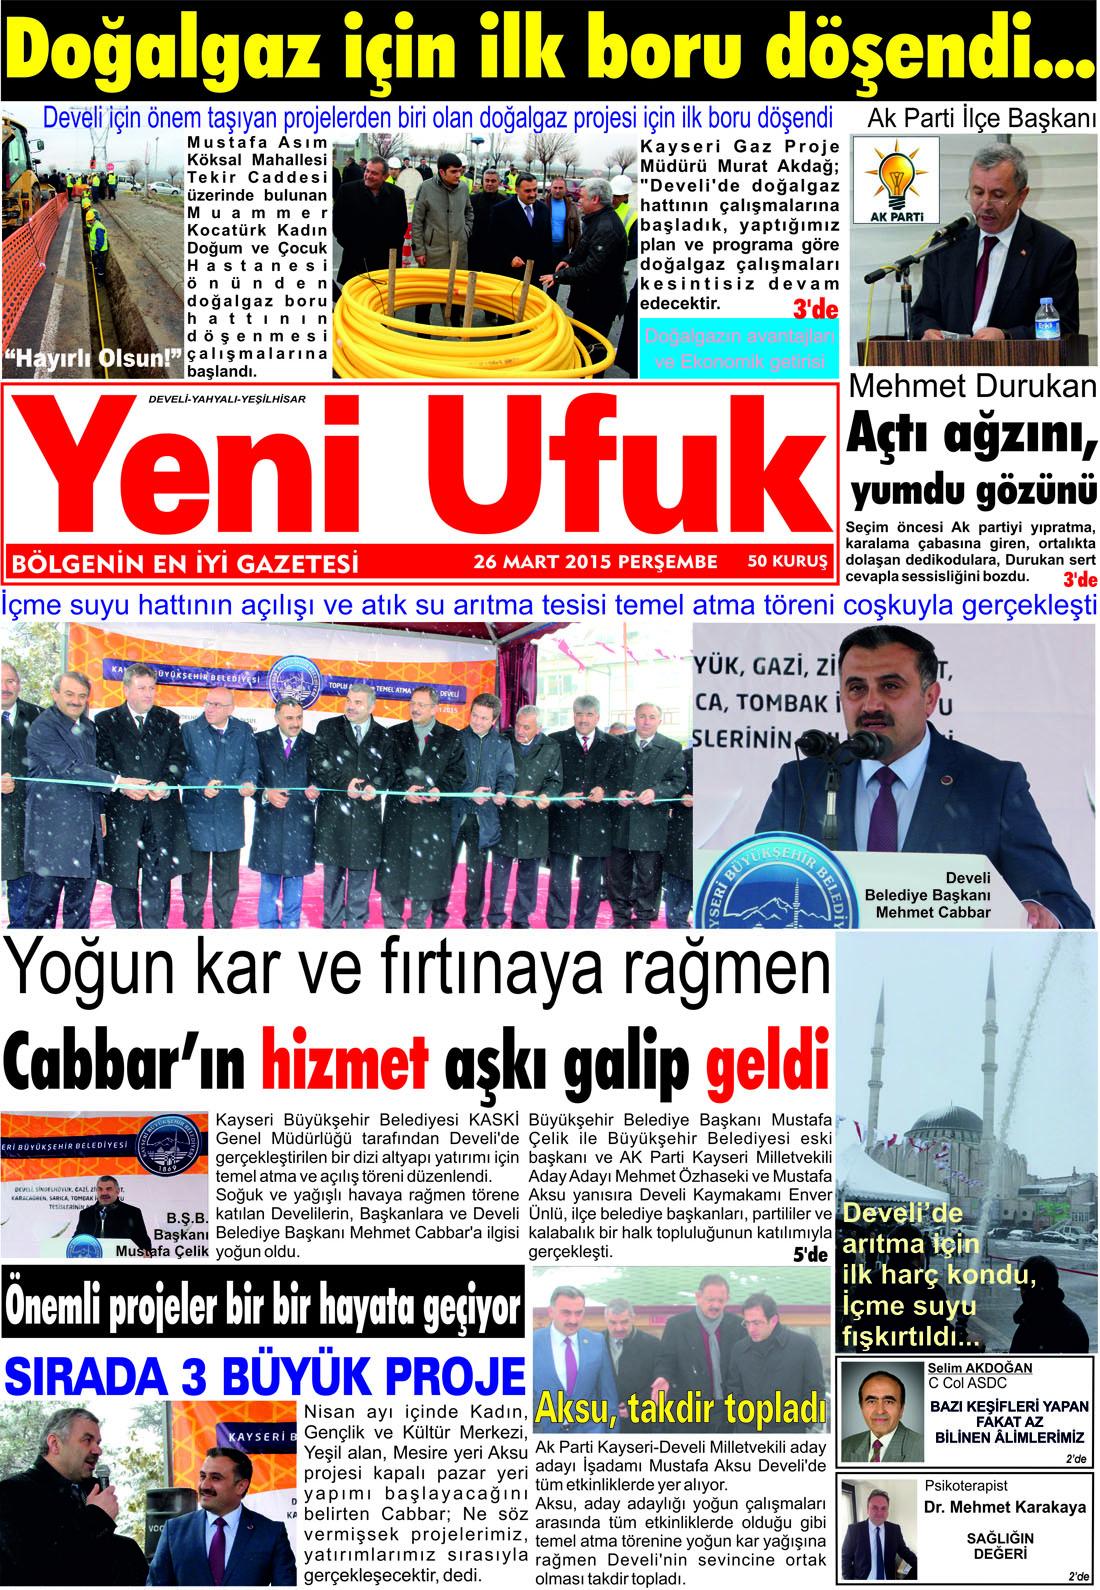 Yeni Ufuk Bölge Gazetesi, 26 Mart 2015, Sayfa 1